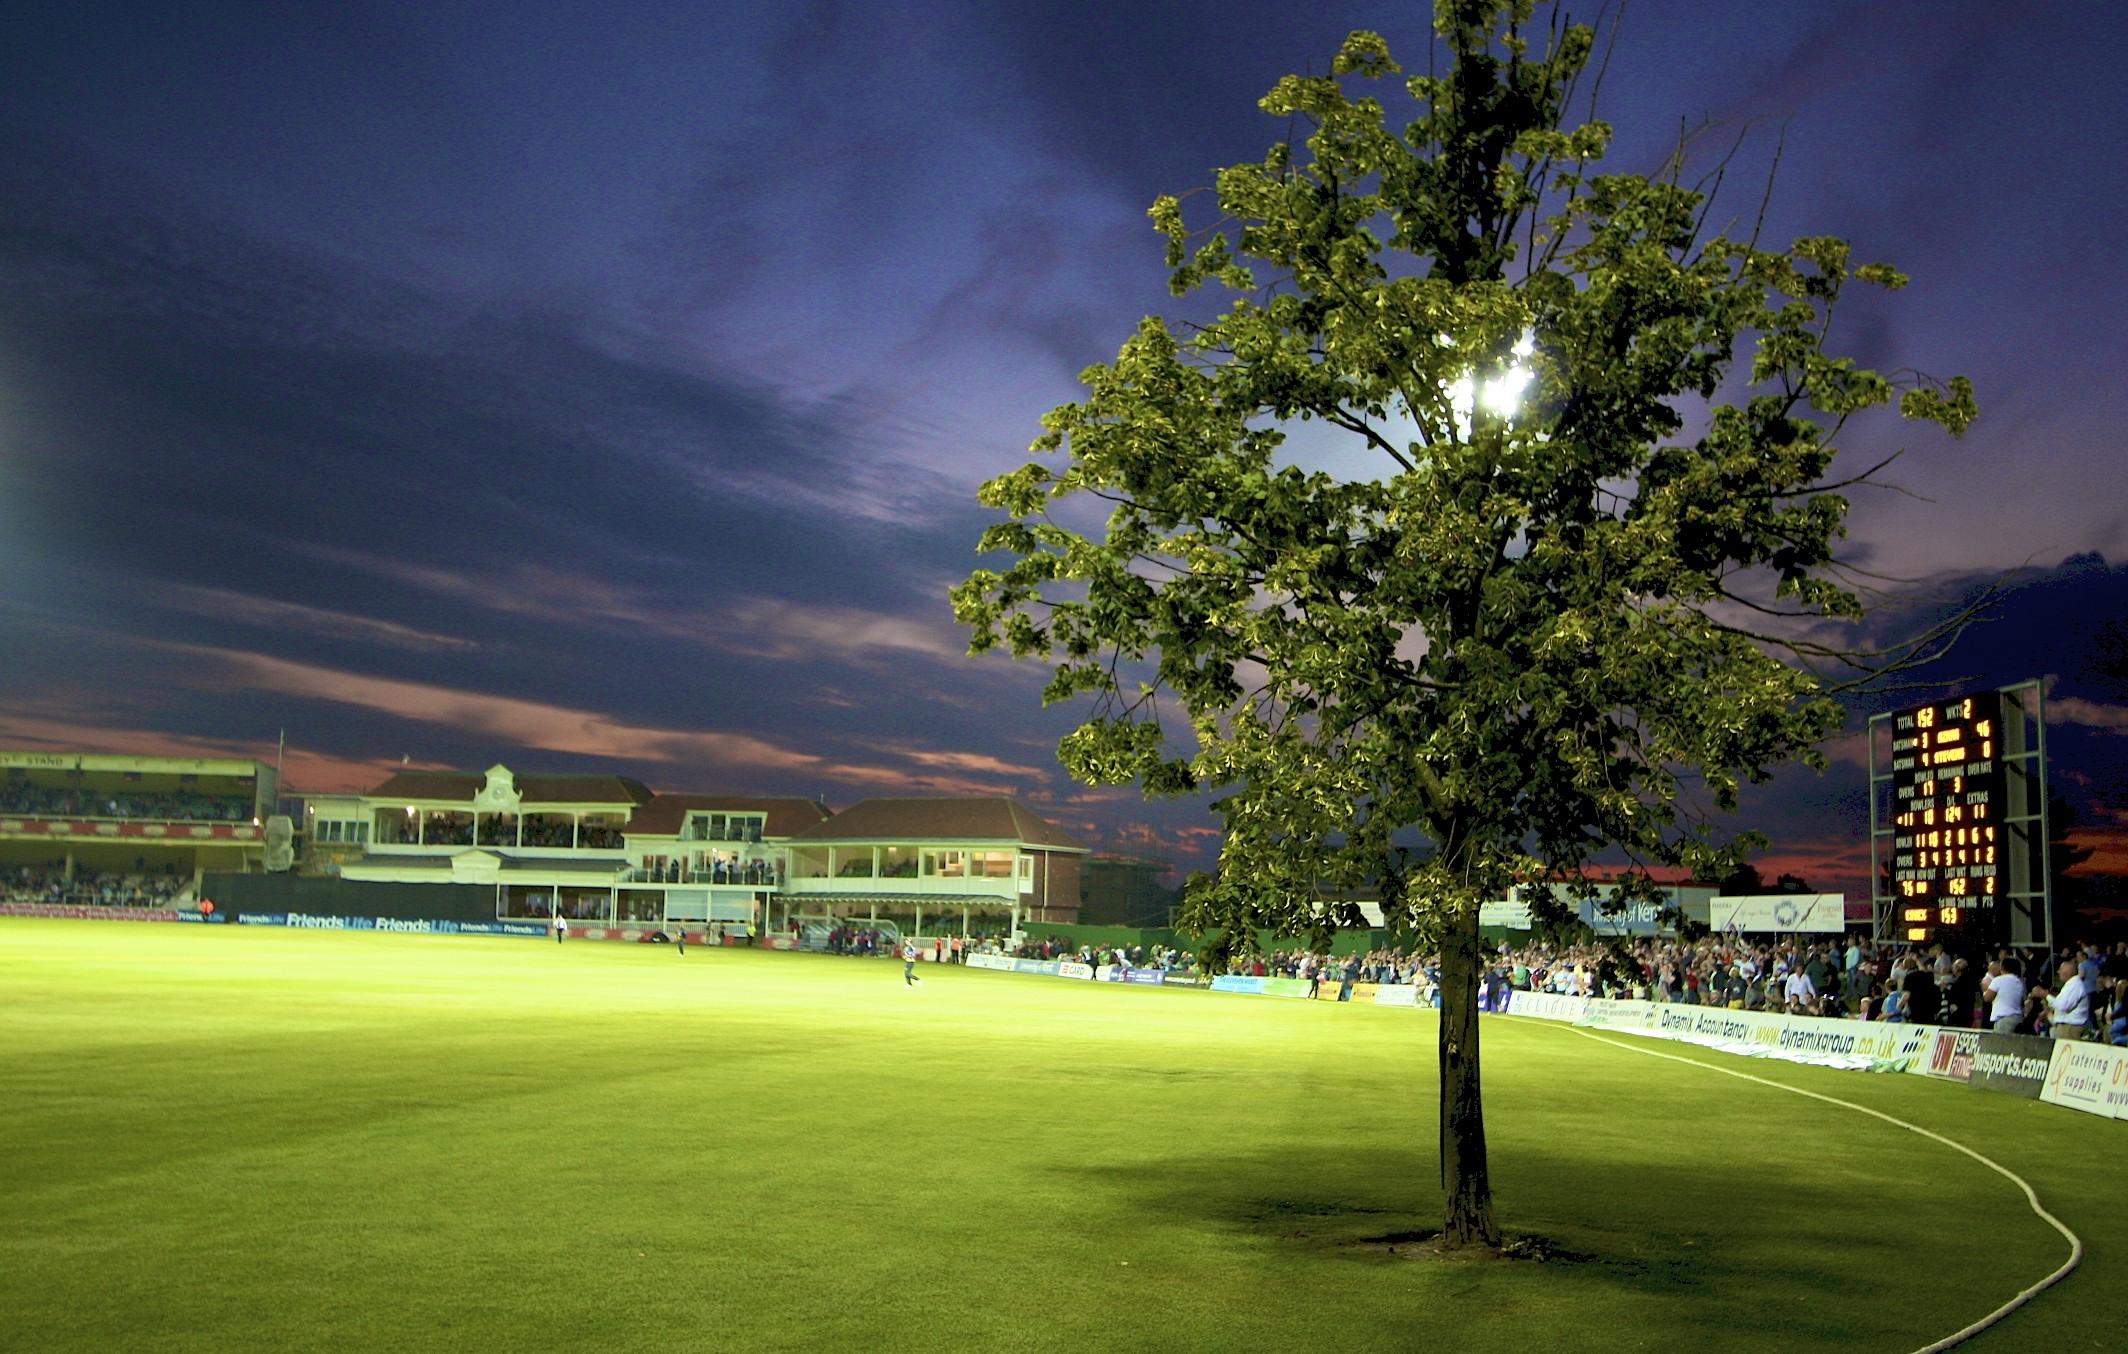 Kent Cricket S Lime Tree Legend Kent Cricket